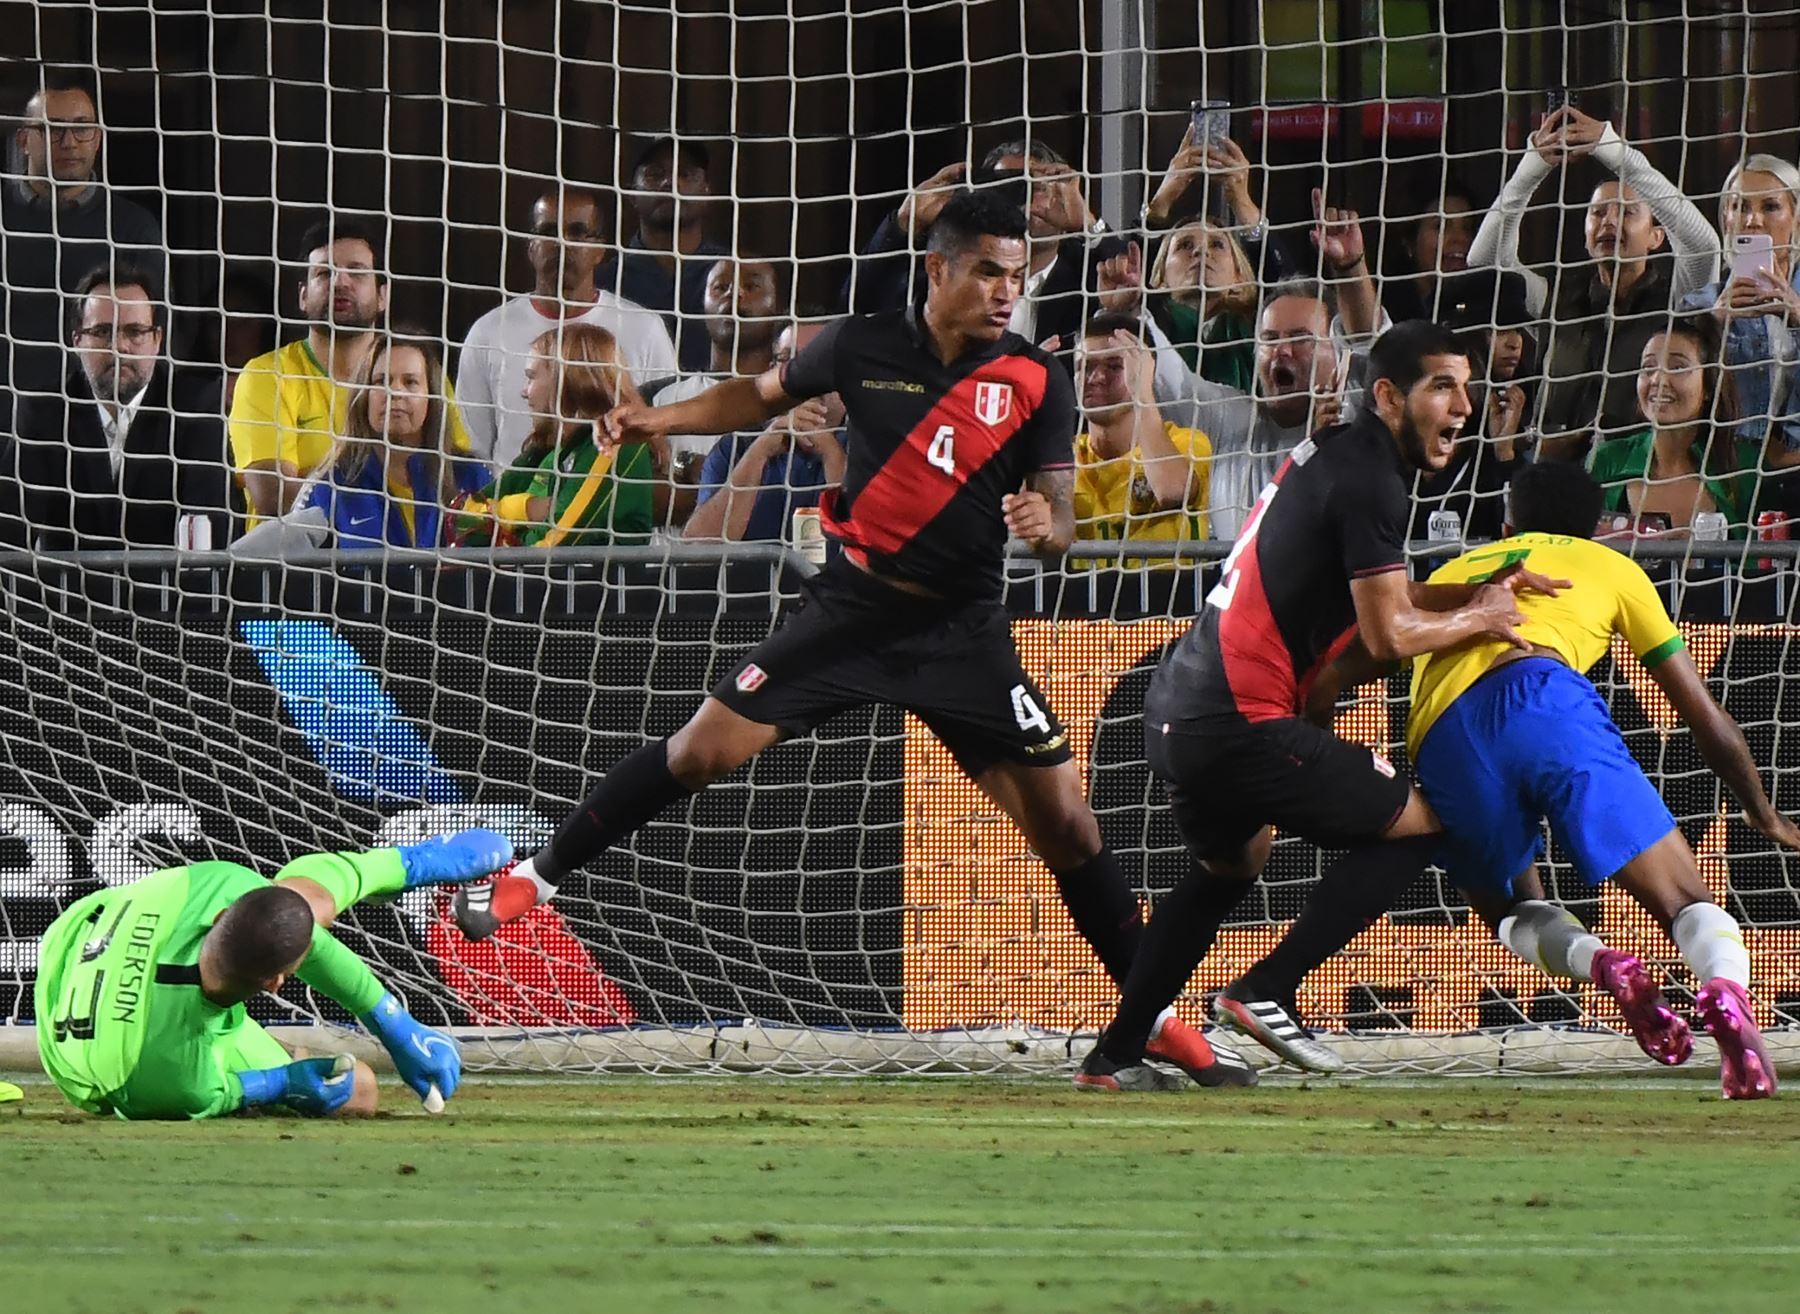 Luis Abram de Perú (2nd R) celebra después de anotar contra Brasil durante el partido de fútbol amistoso internacional entre Brasil y Perú en el Los Angeles Memorial Coliseum, en Los Ángeles, California, el 10 de septiembre de 2019. - Perú ganó 1-0 .  AFP